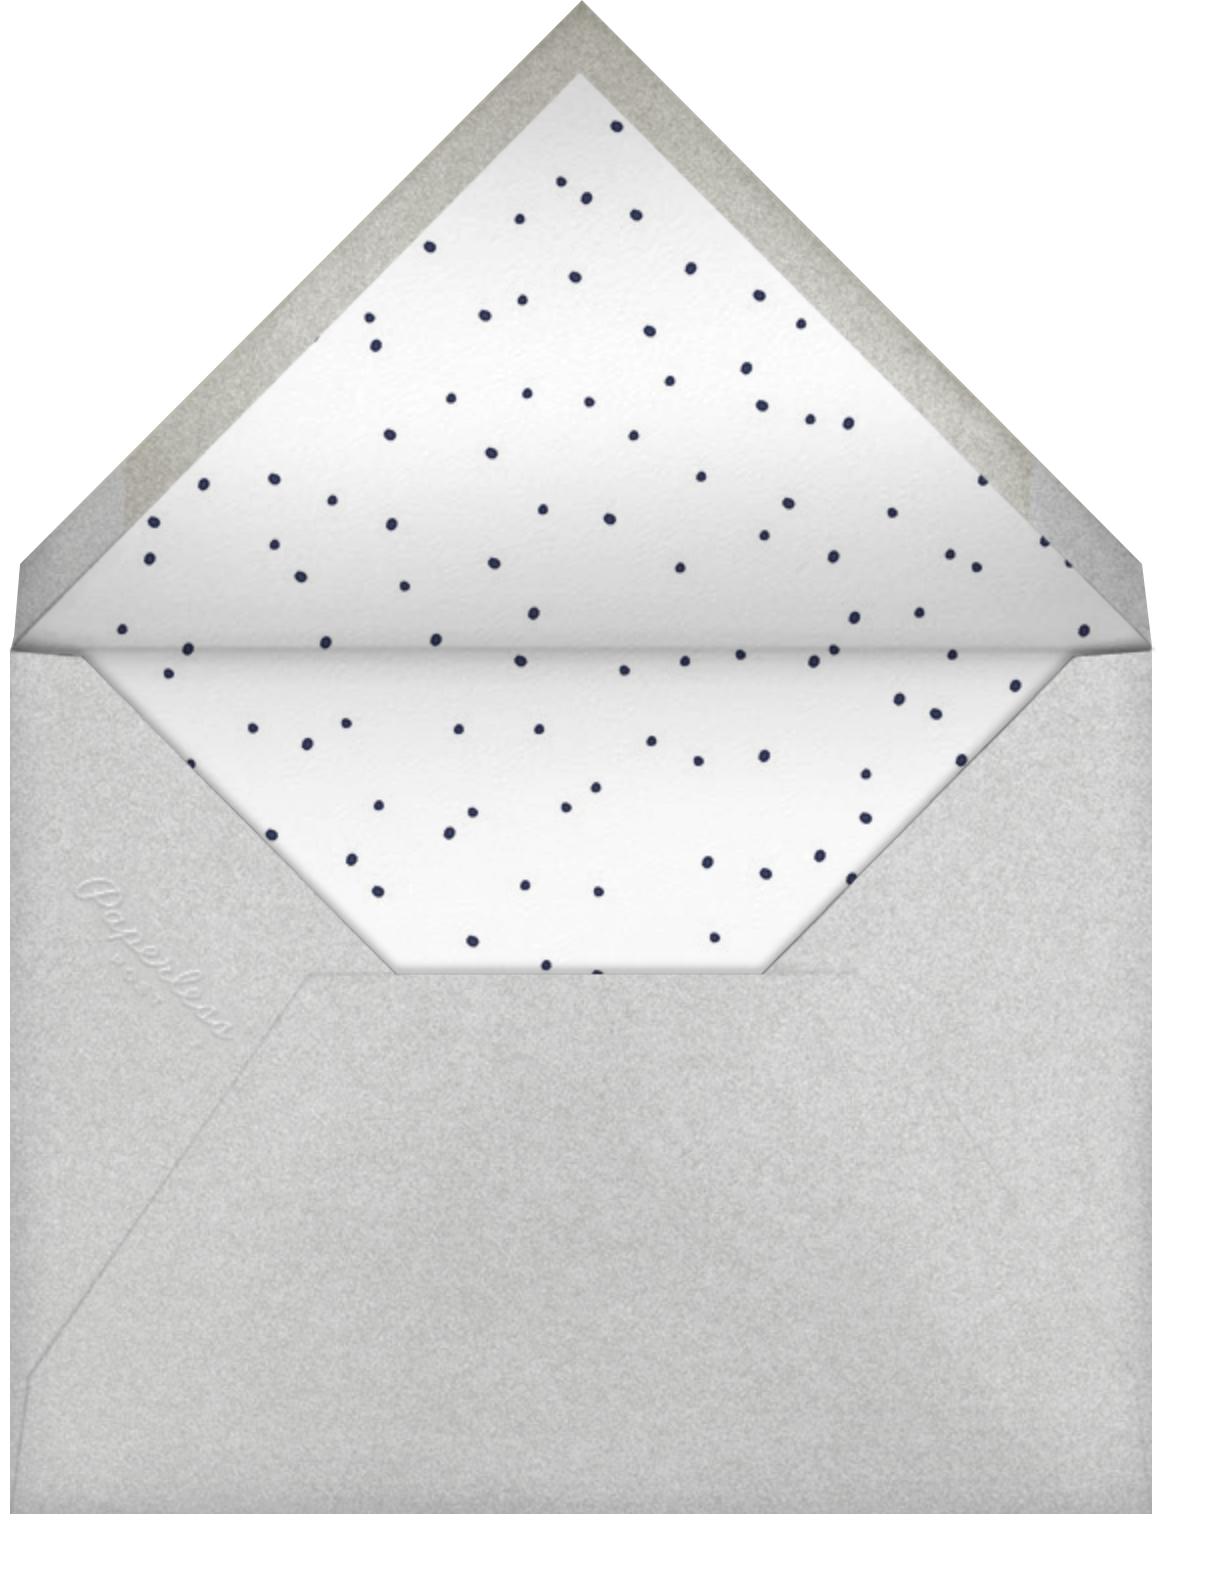 Hammertime (Invitation) - Hello!Lucky - Kids' birthday - envelope back